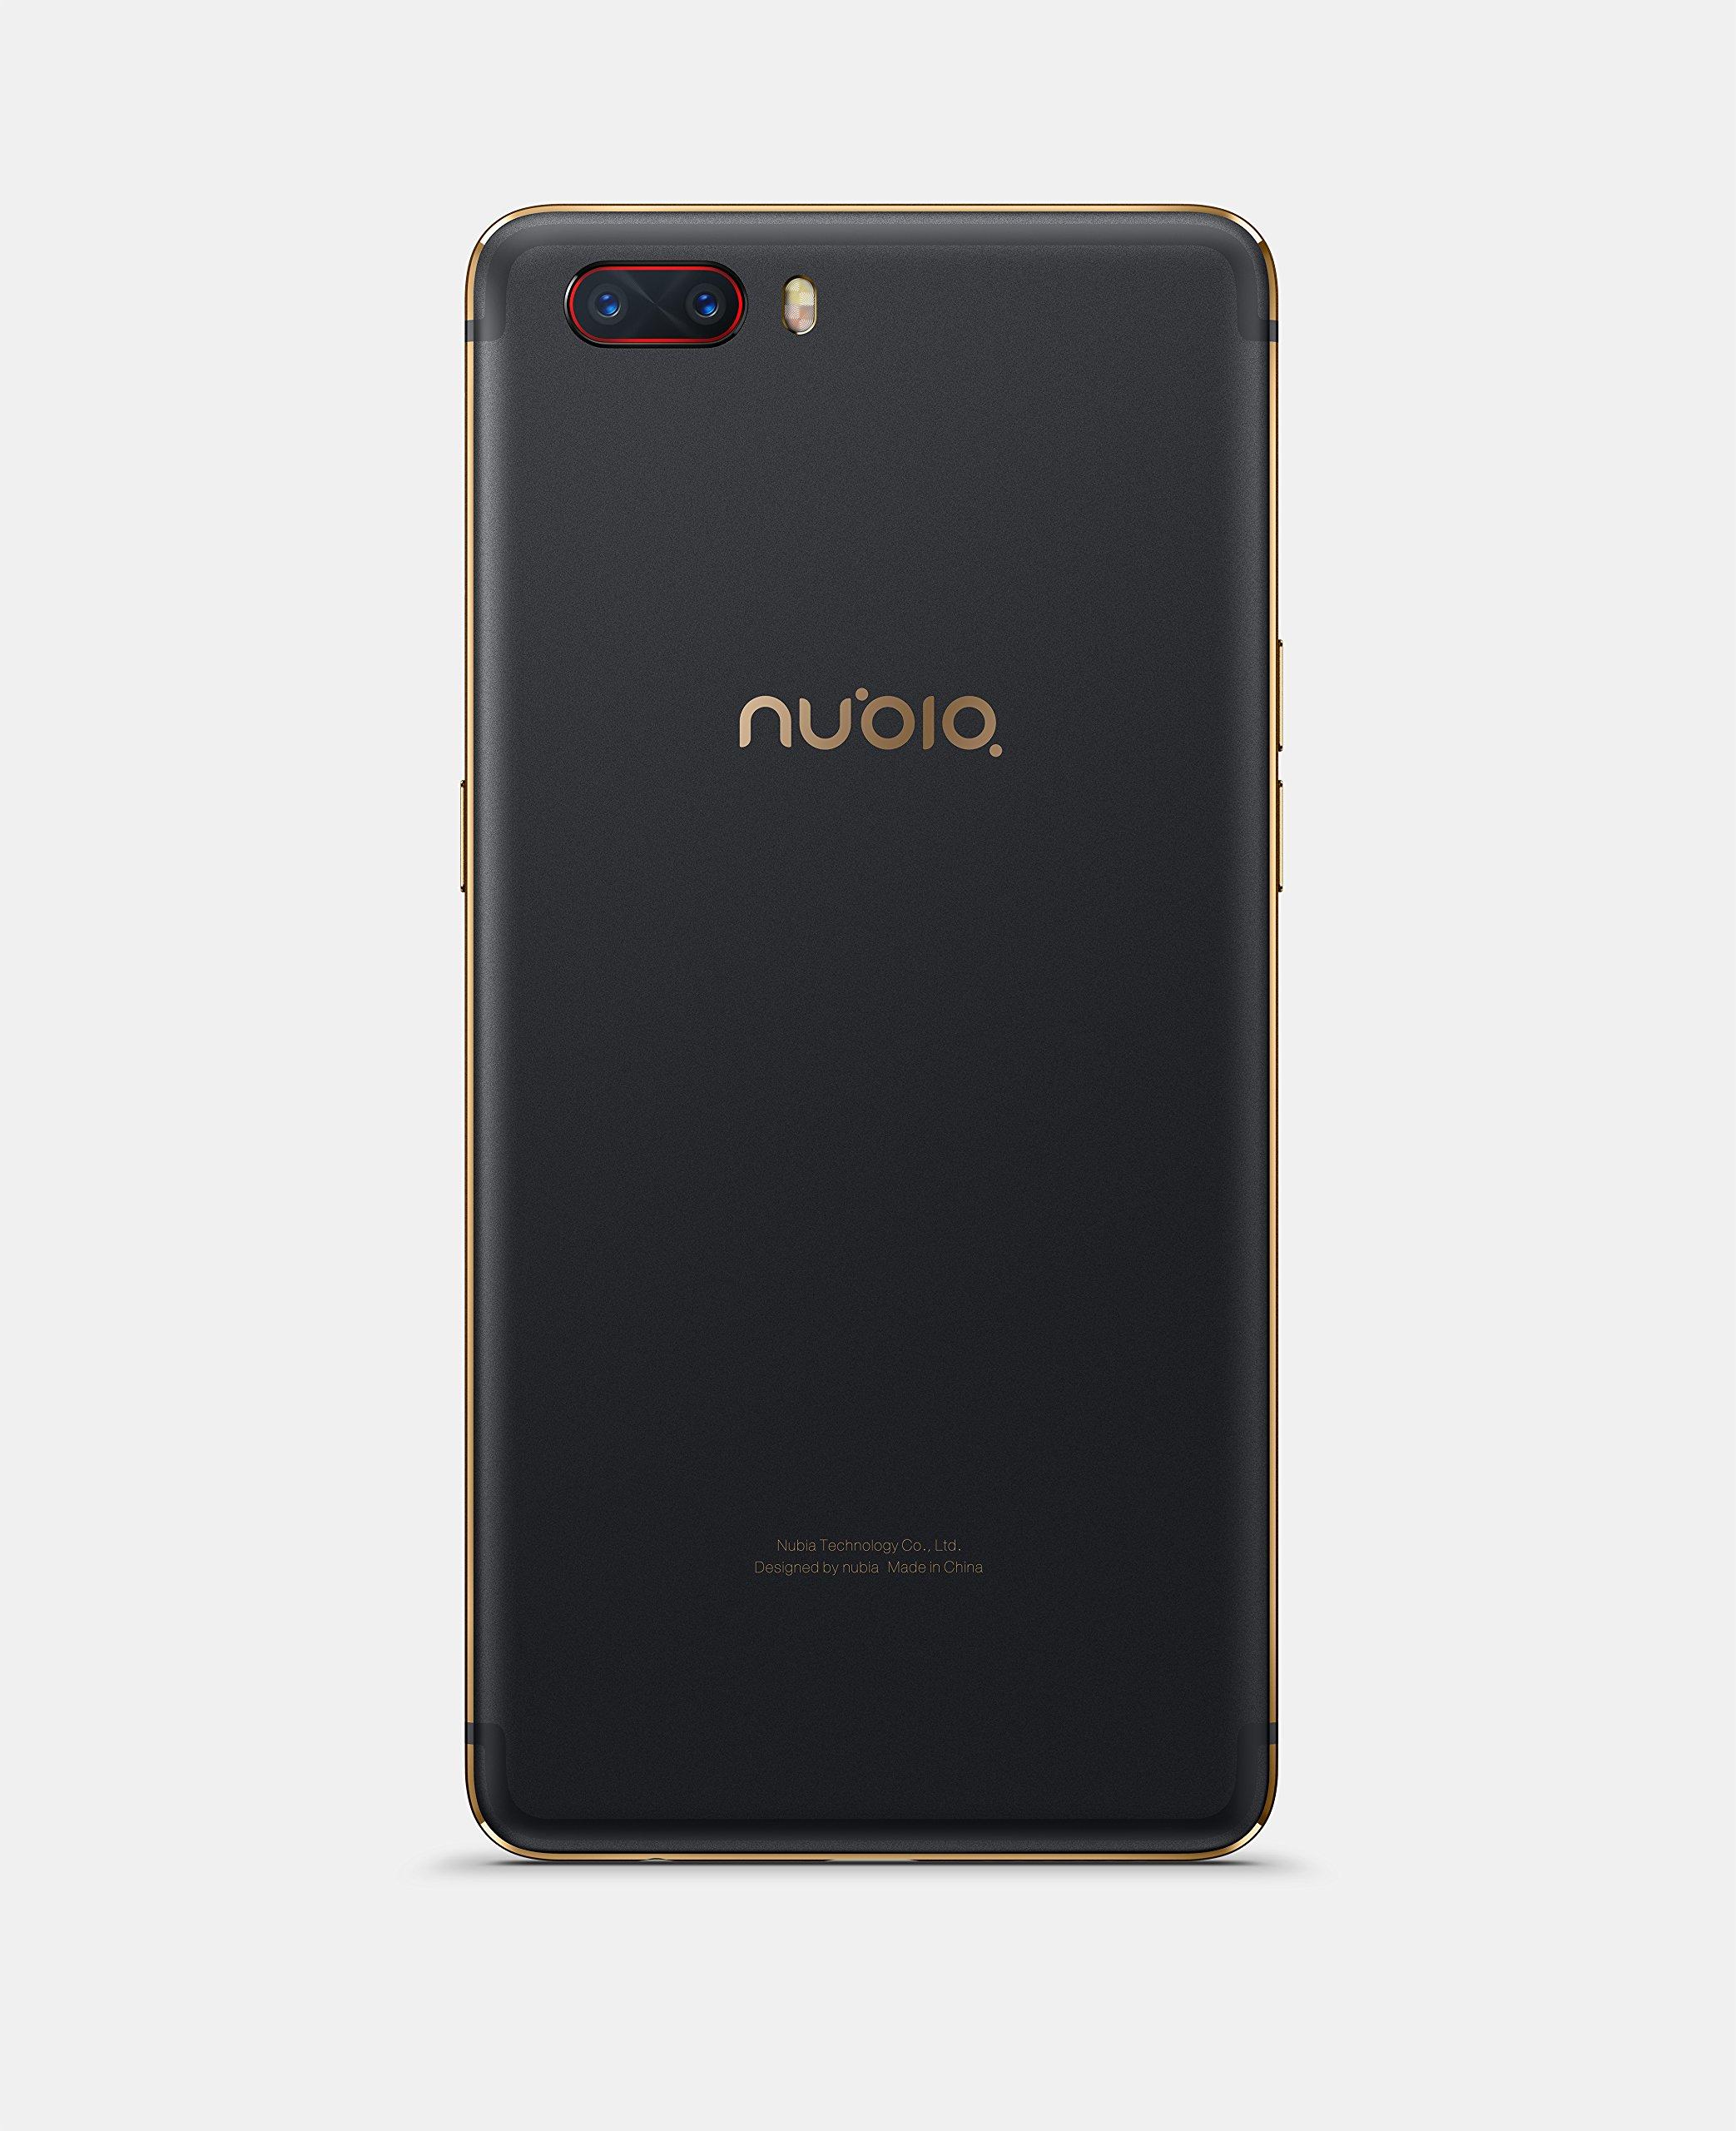 Nubia nx551j M2 Smartphone (64GB Memoria, 4 GB de RAM, cámara de 13 MP, Android 6.0, 13,9 cm (5,5 Pulgadas)), Color Negro/Oro: Amazon.es: Electrónica